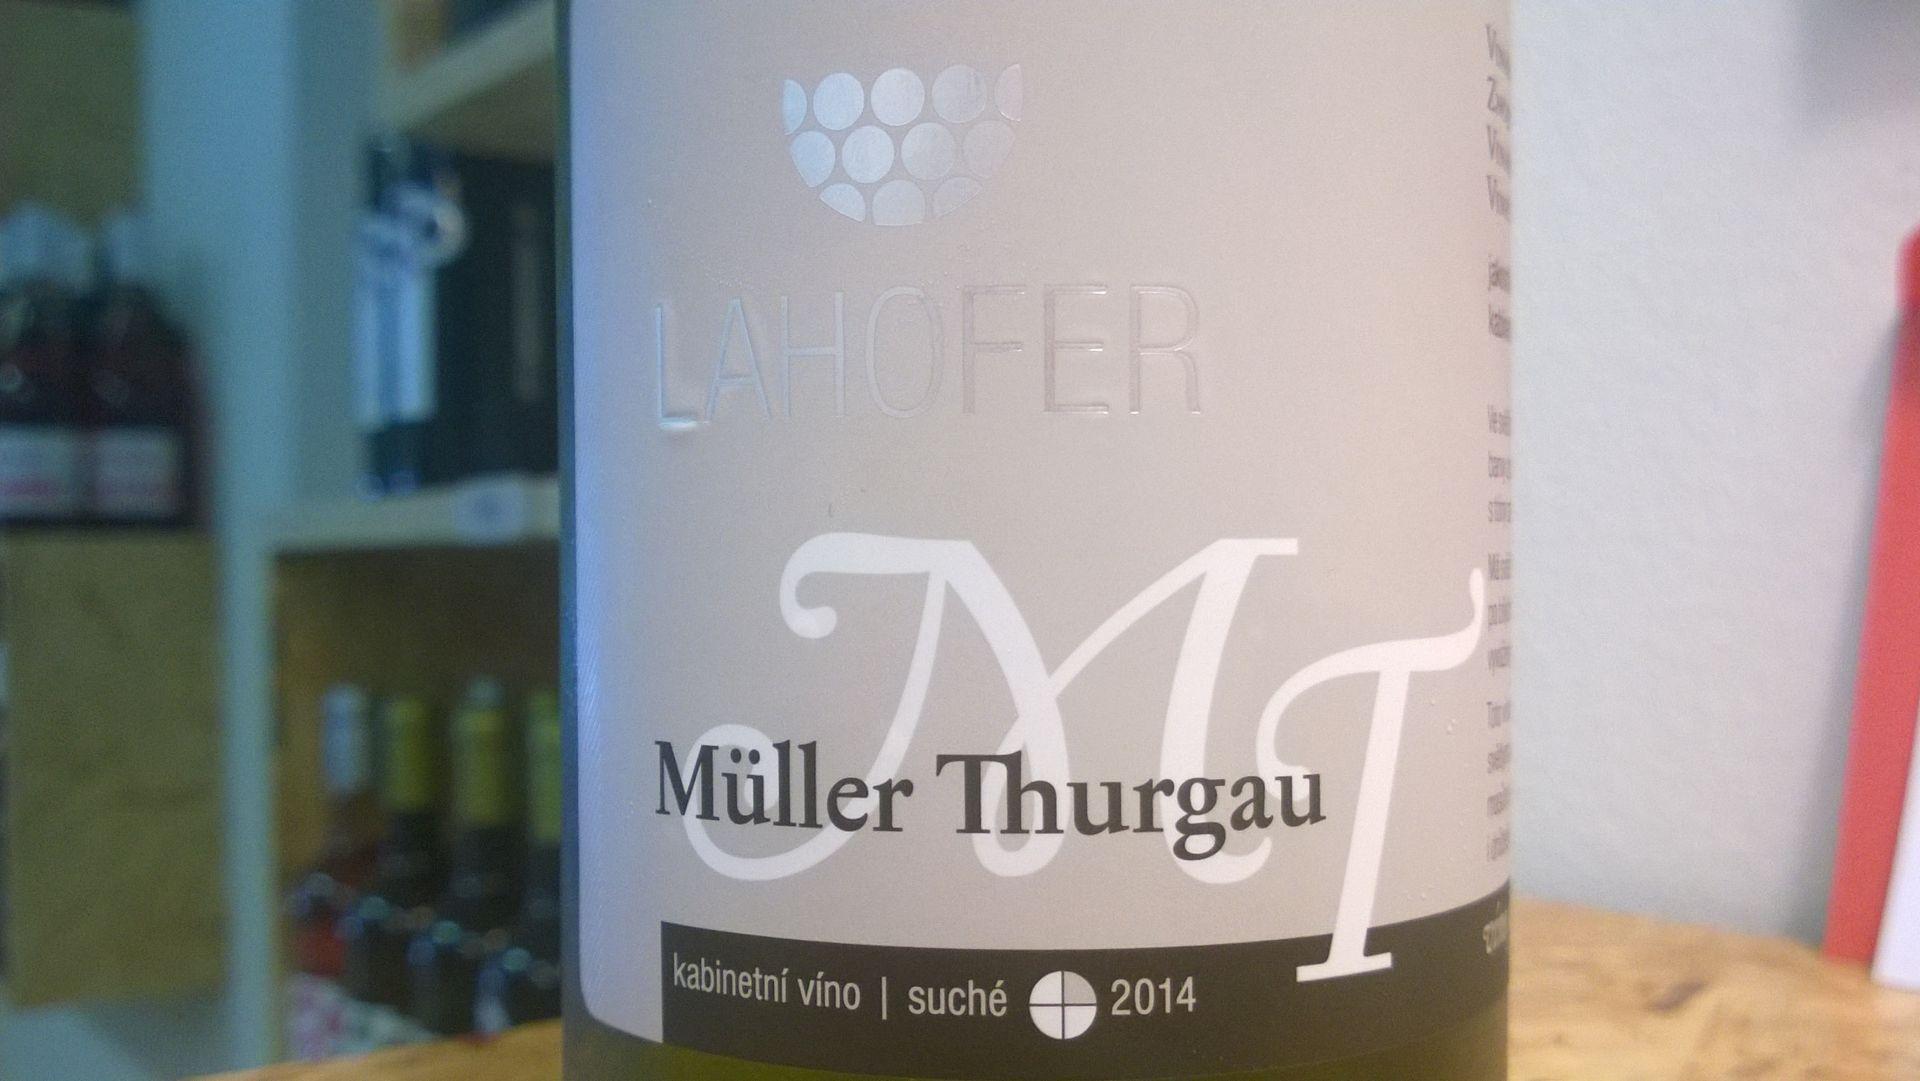 Müller Thurgau 2014 kabinet Lahofer